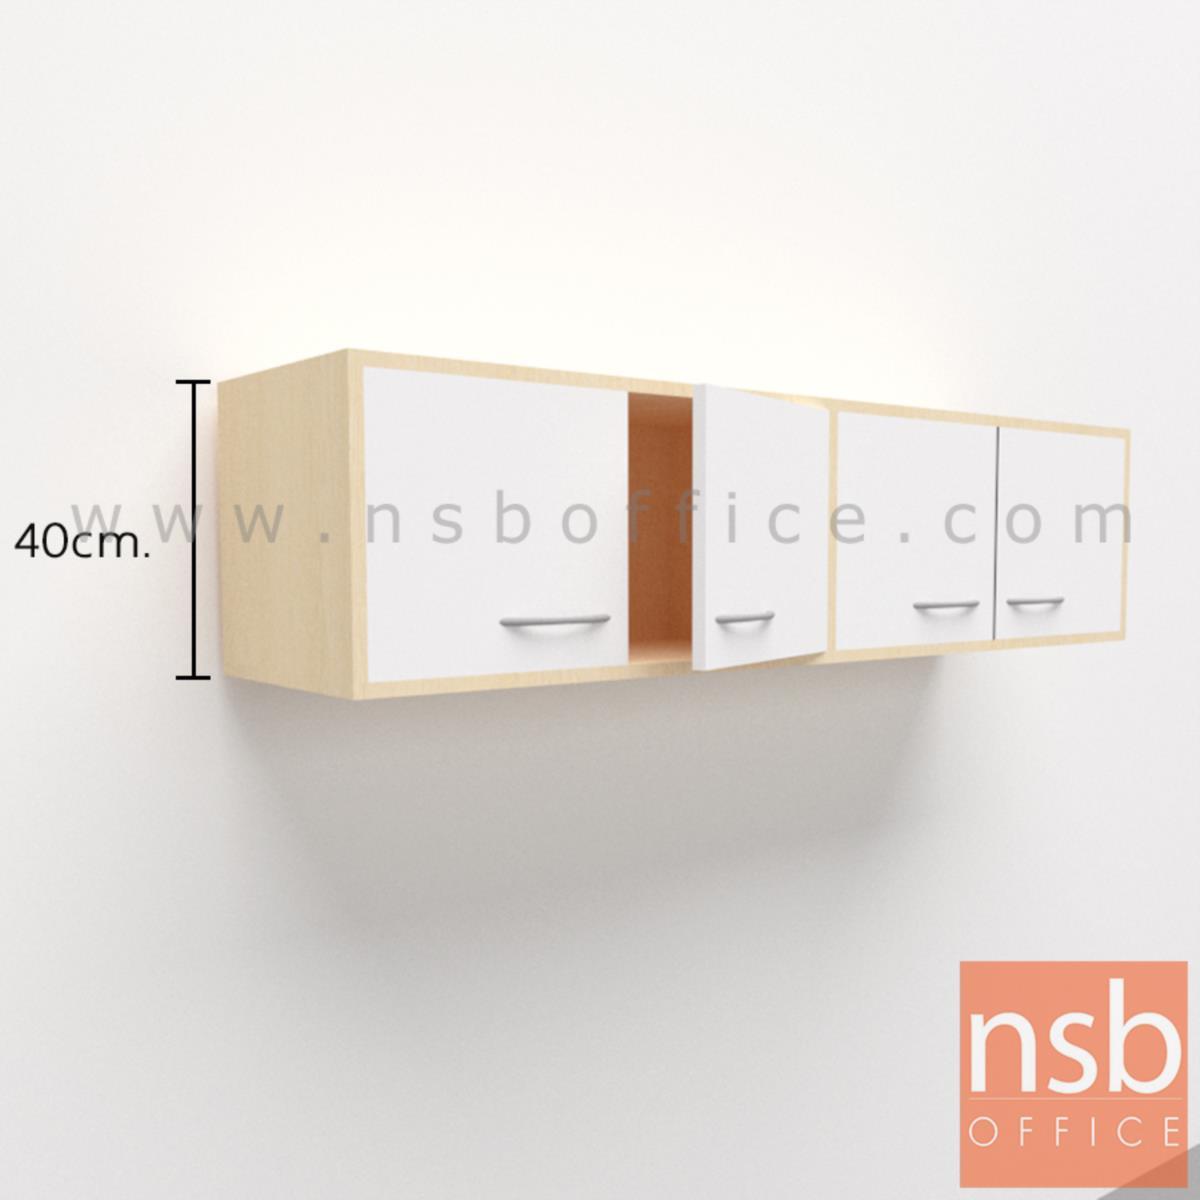 ตู้แขวนลอย บานเปิด รุ่น Dionne (ดิออน) ขนาด 80W ,120W ,150W*40H cm.  เมลามีน